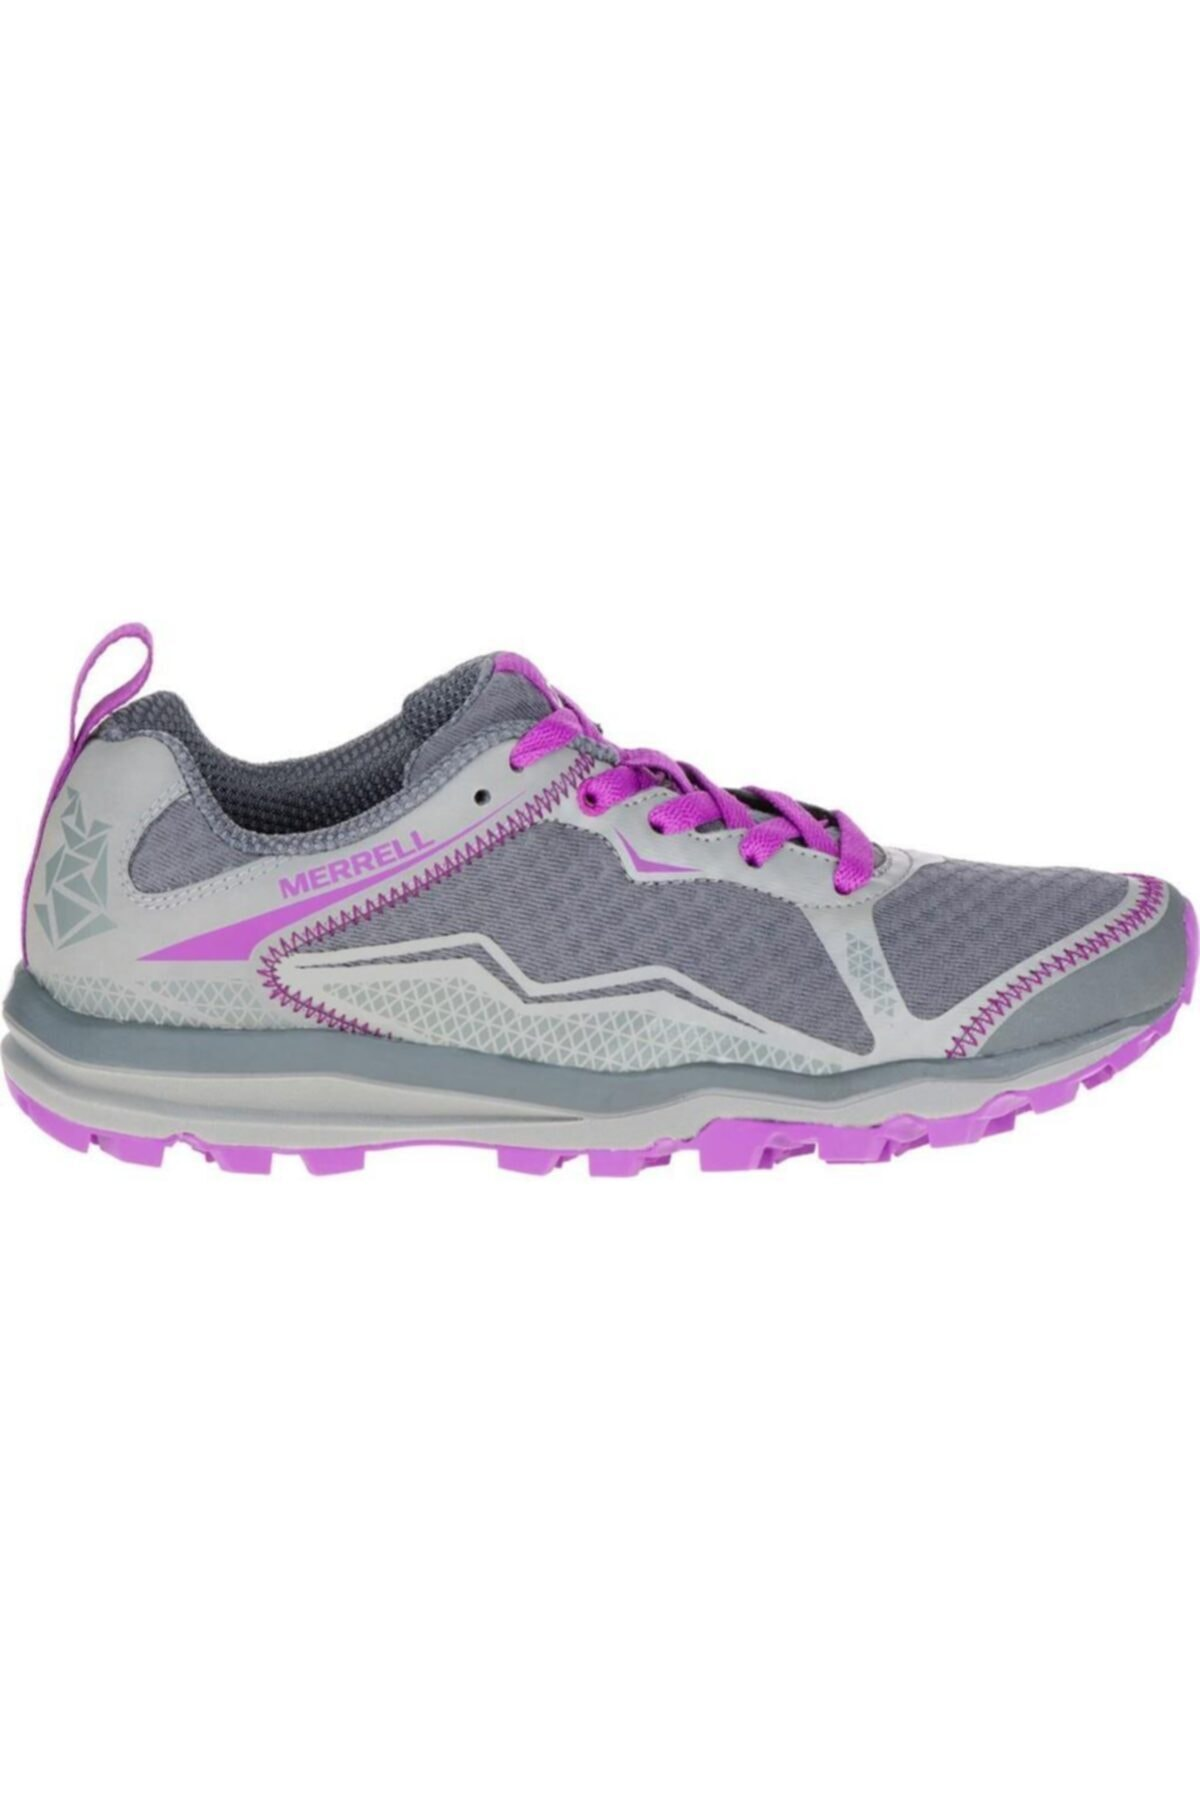 Merrell Kadın Gri Mor Spor Ayakkabı 2